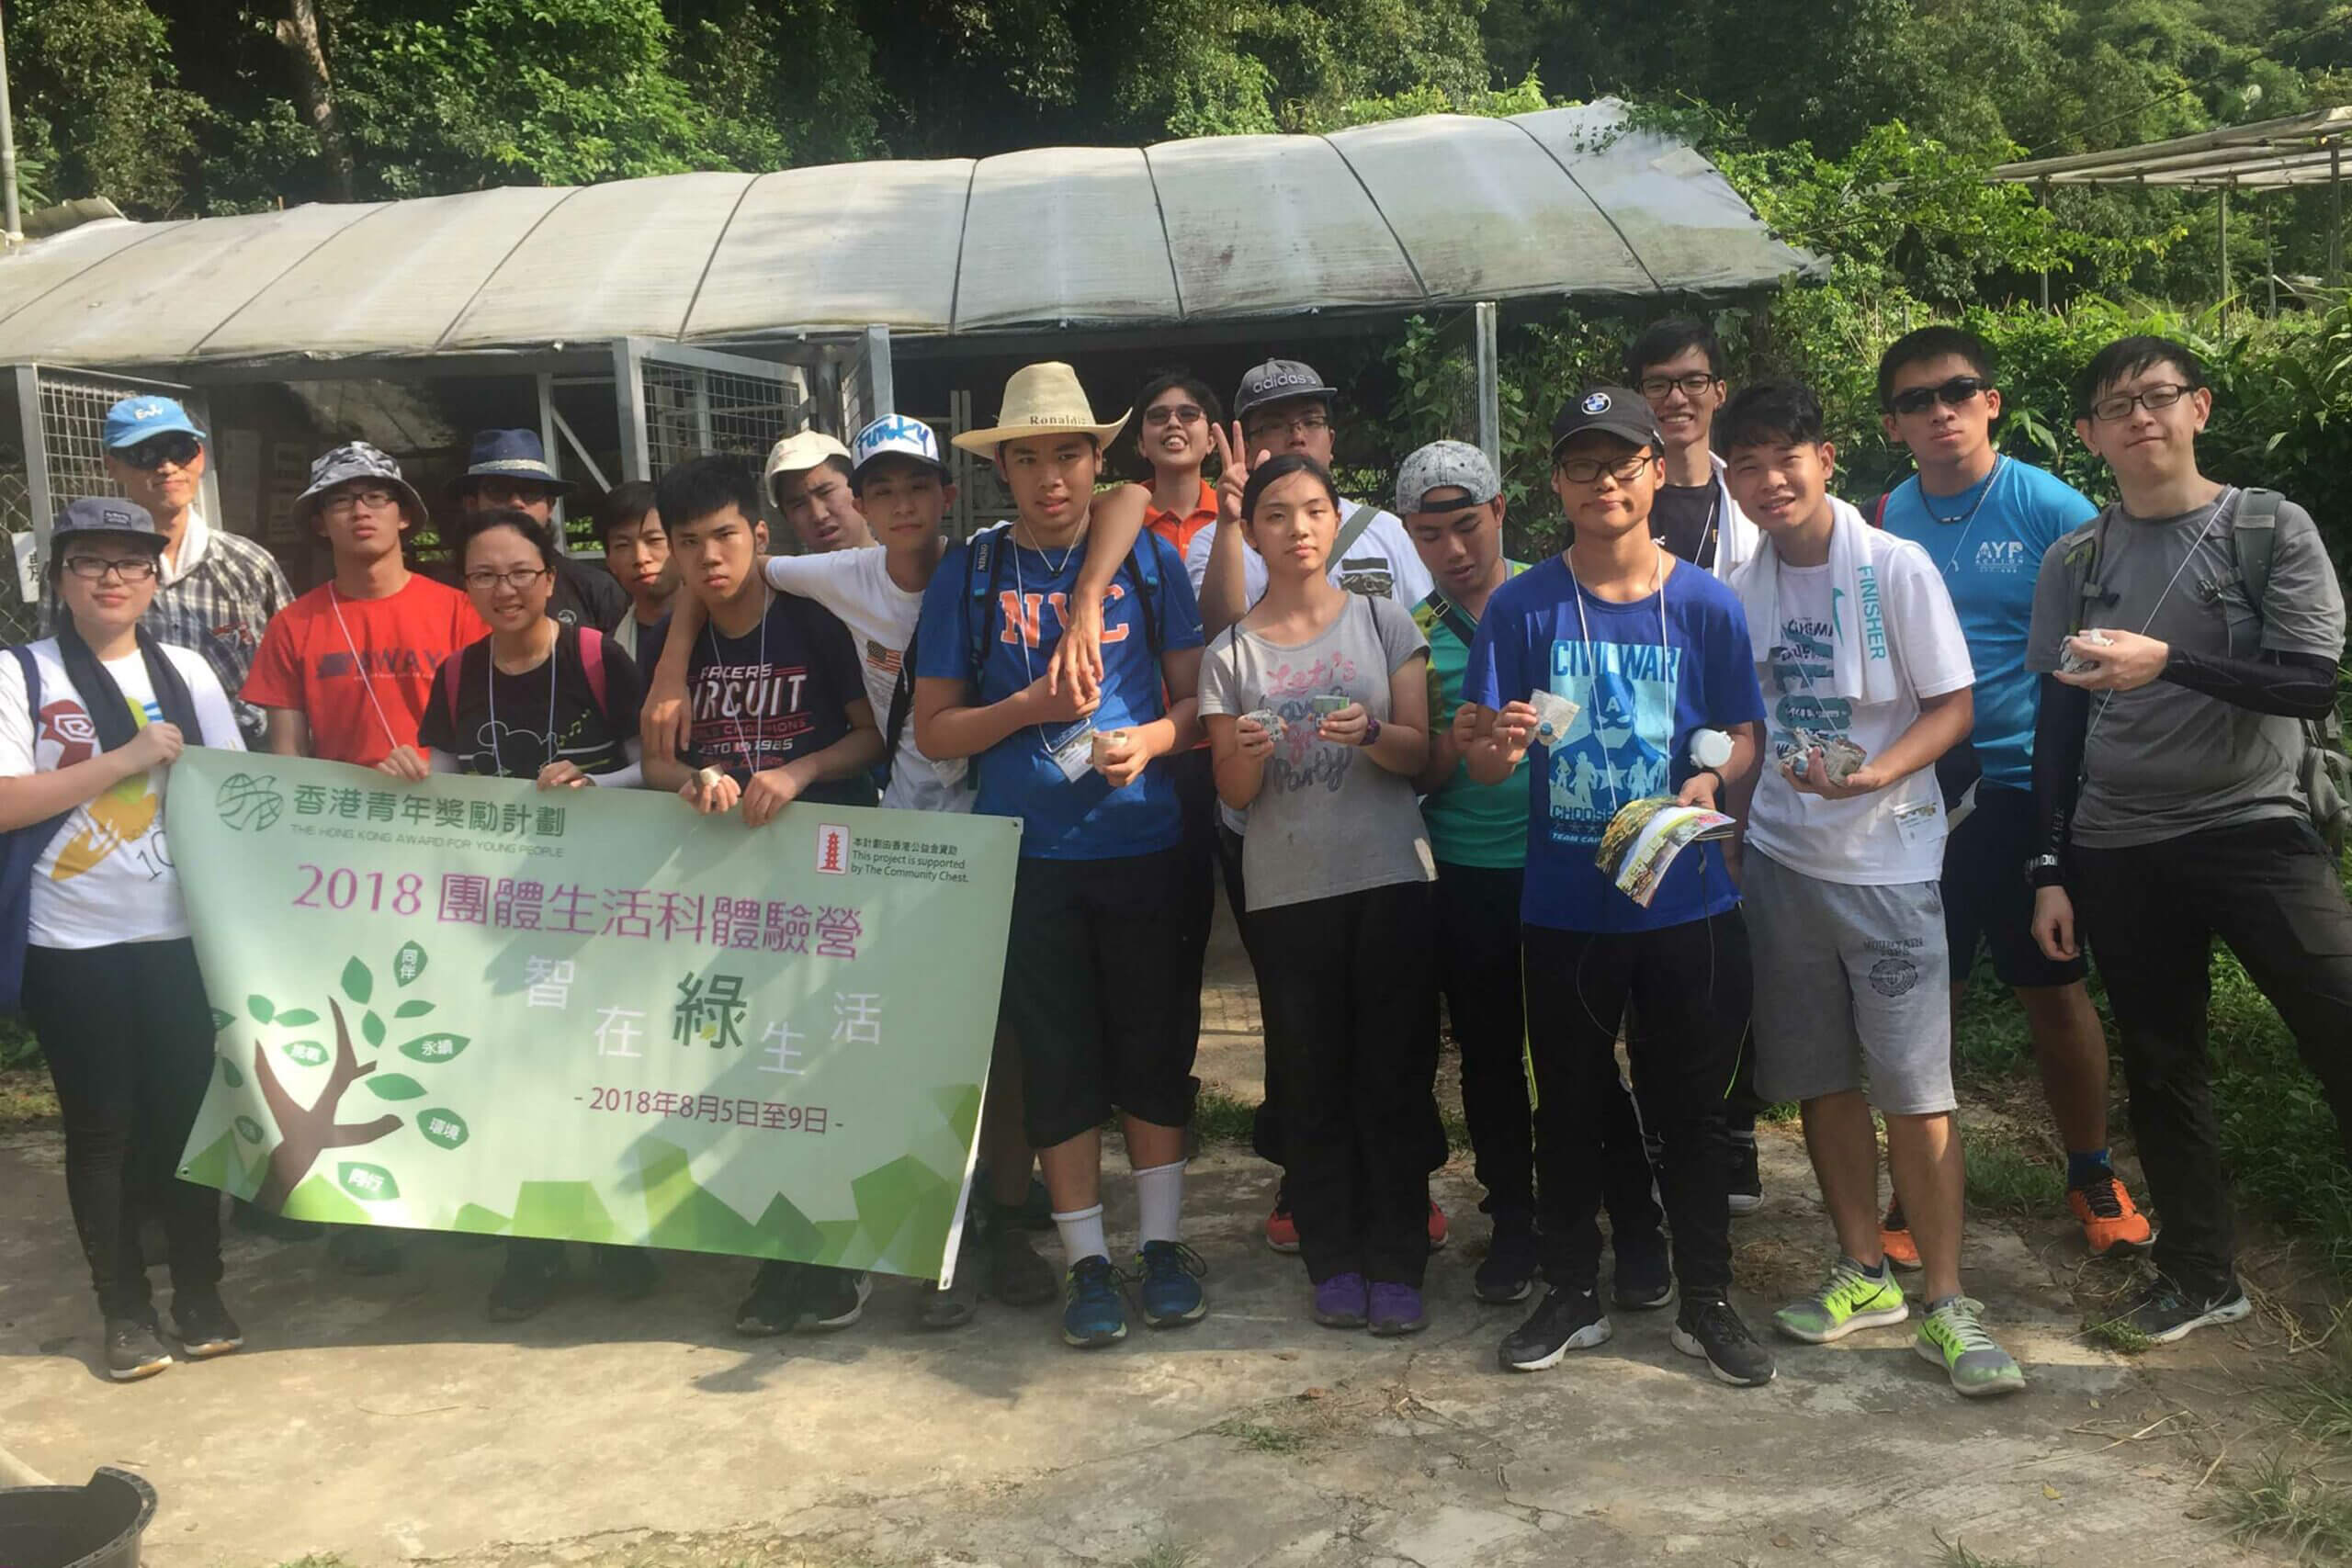 團體生活科體驟驗營 – 智在綠生活(05-09/08/2018)